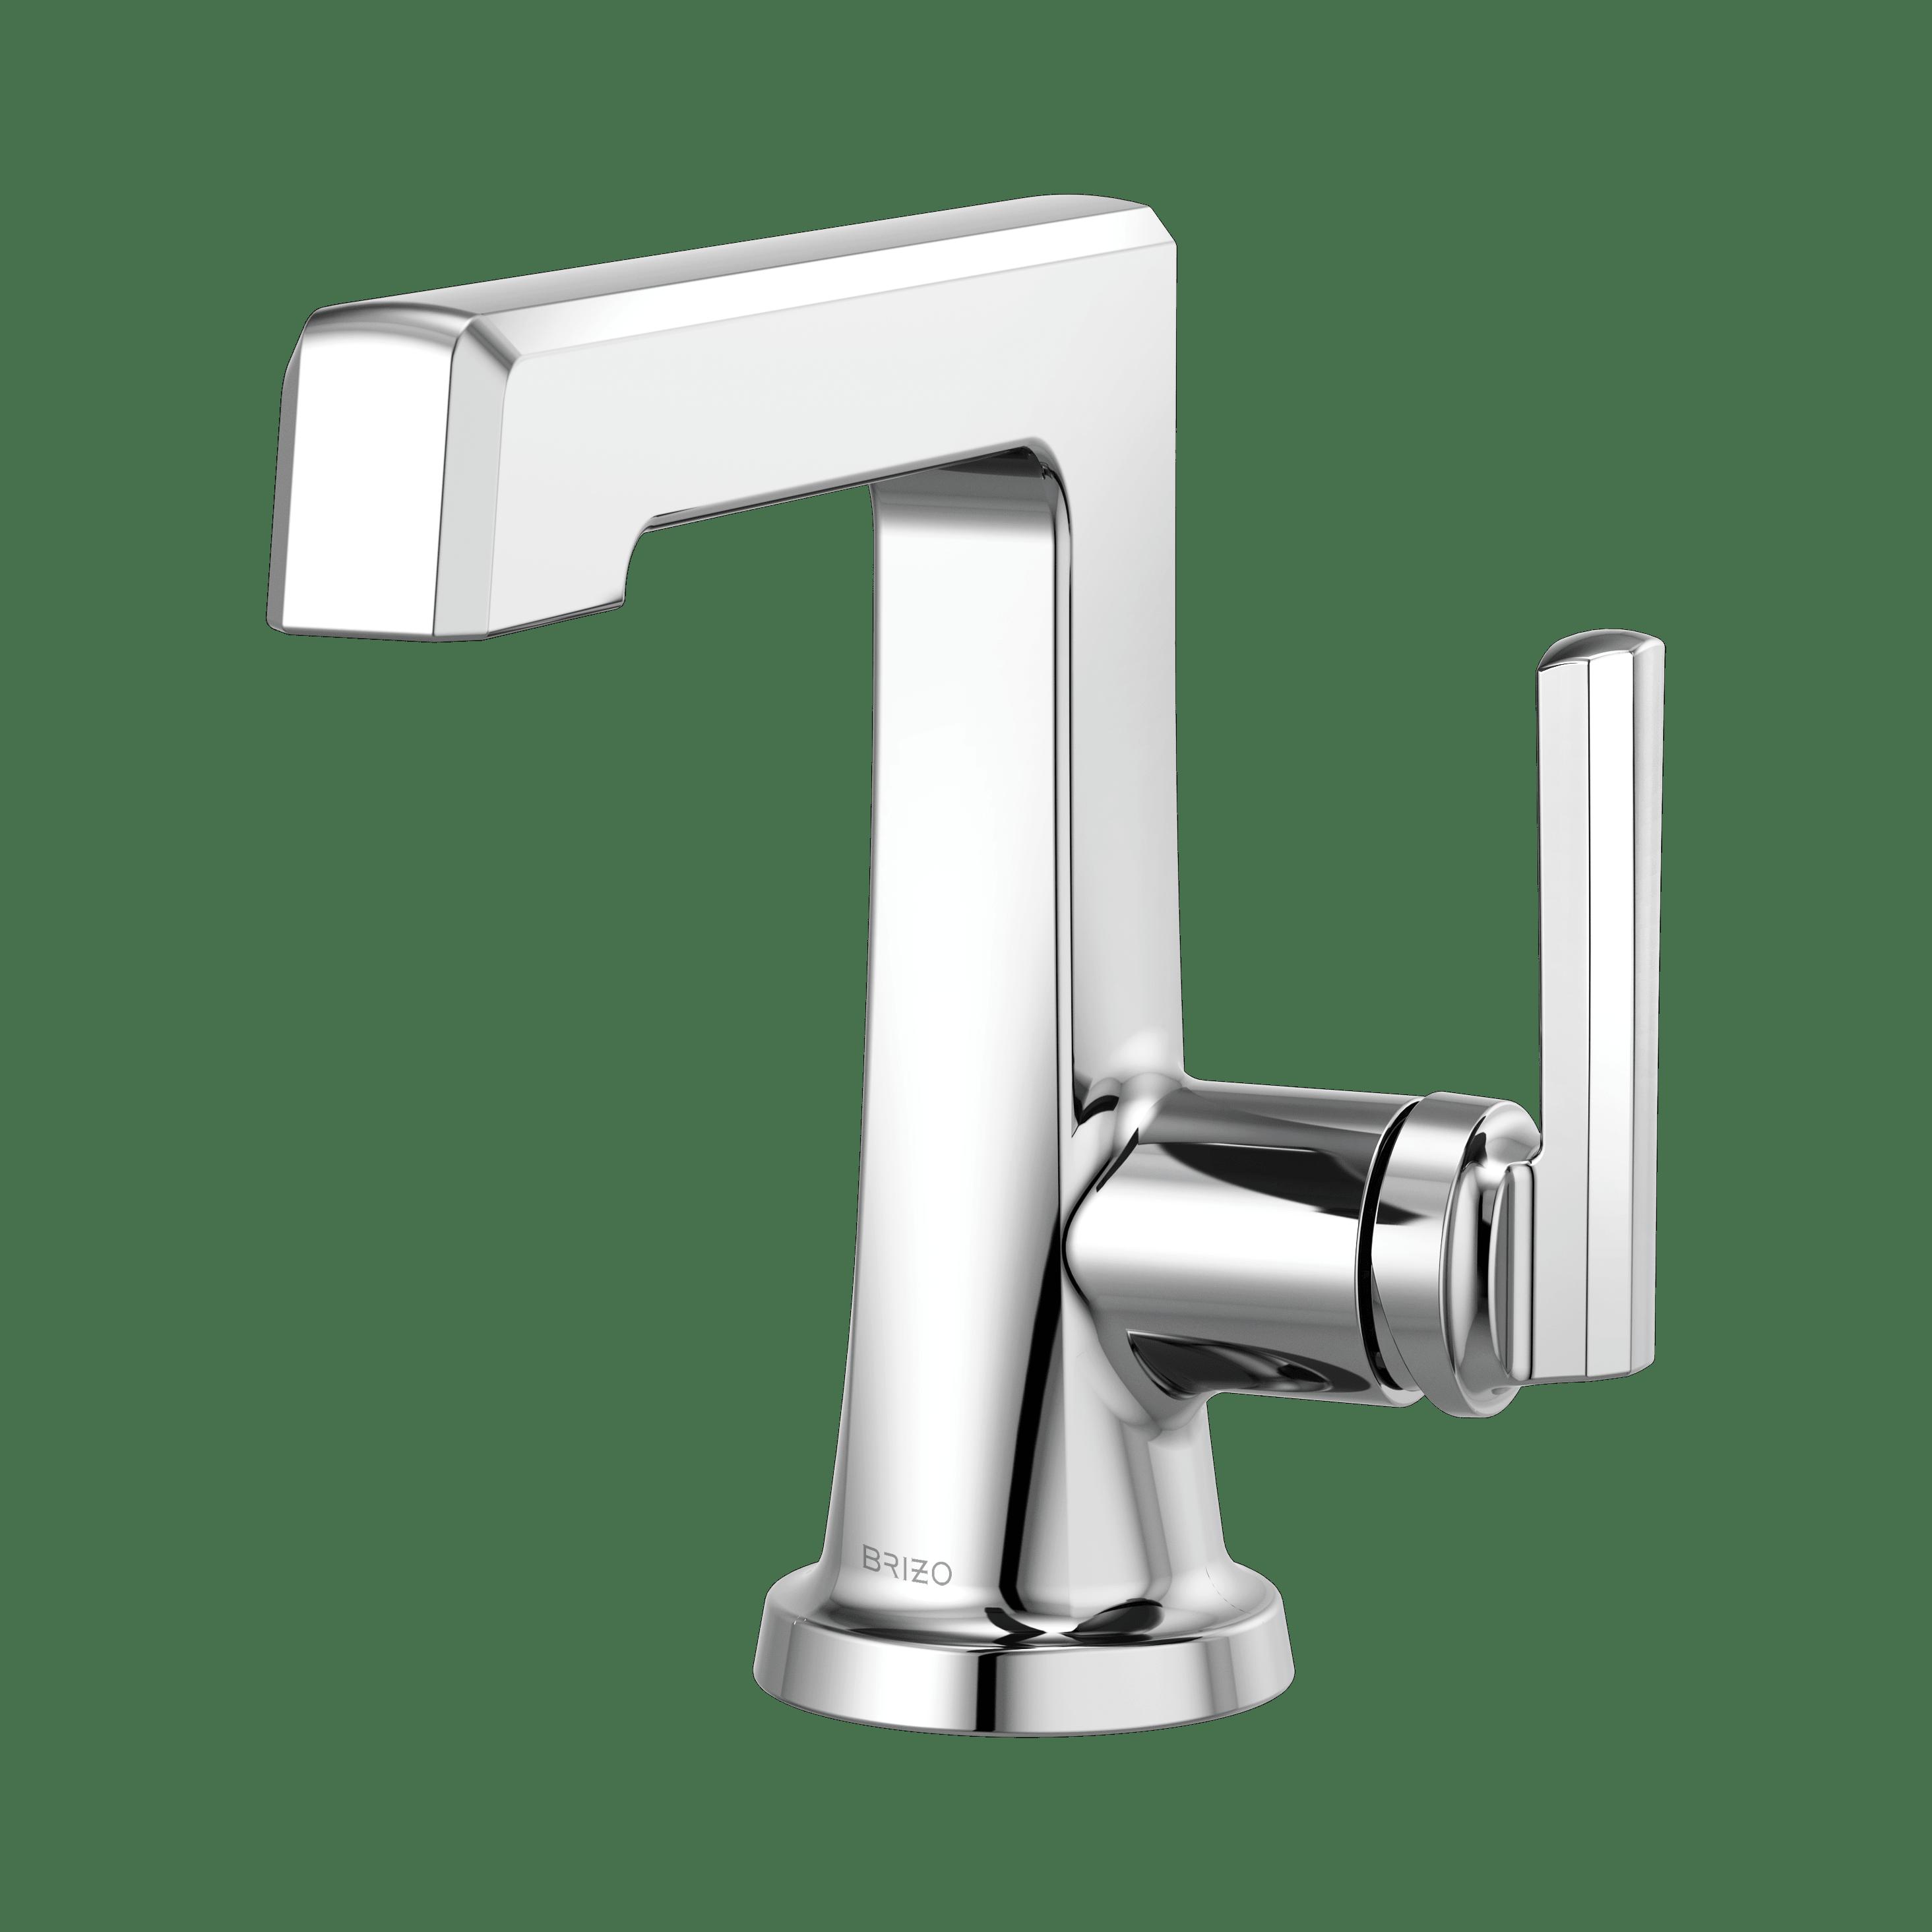 Brizo 65098LF-PN Levoir Lavatory Faucet | QualityBath.com